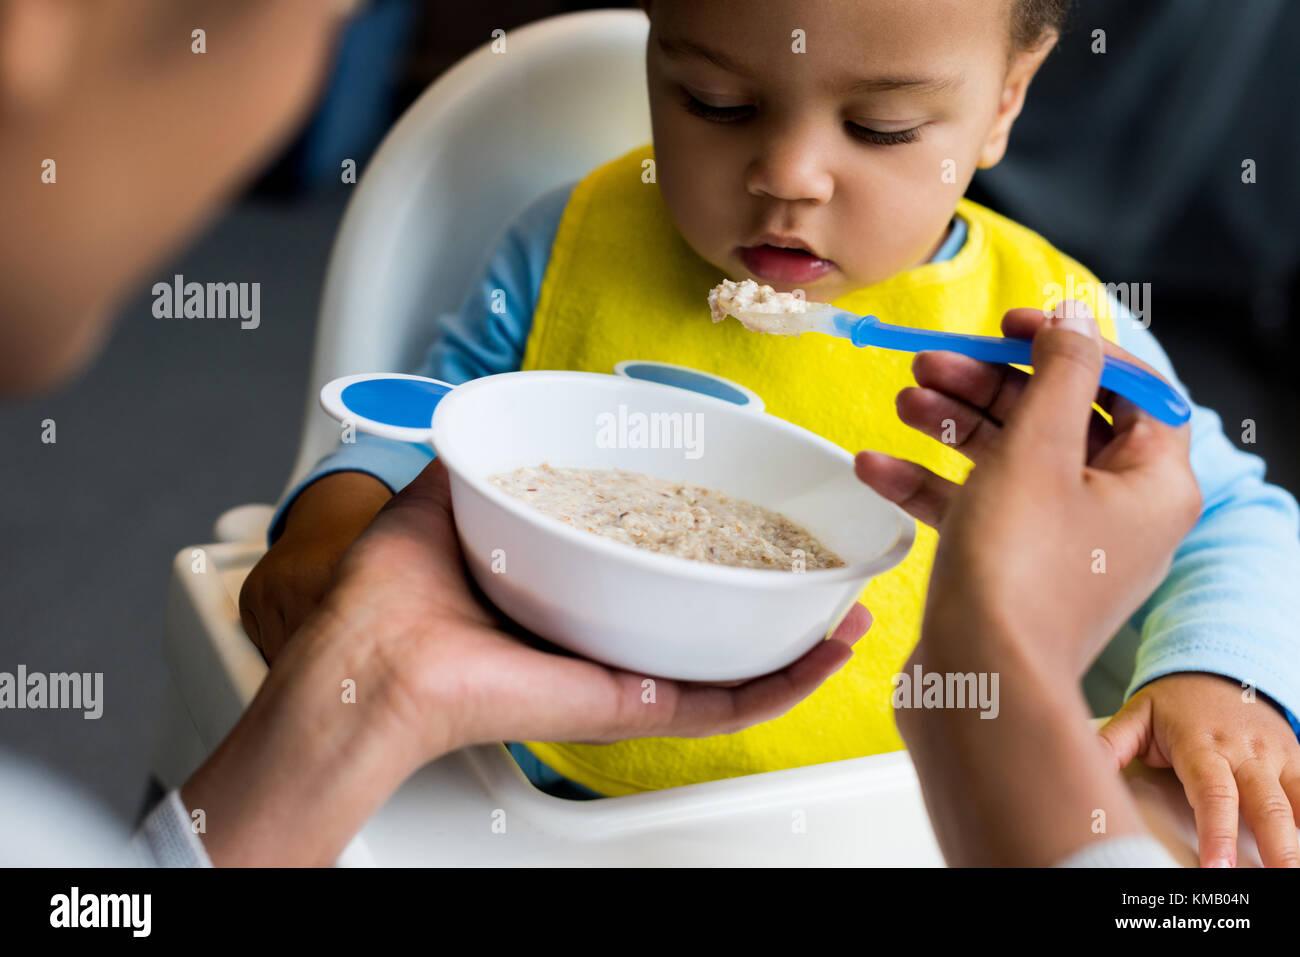 Piccolo figlio di mangiare il porridge Immagini Stock